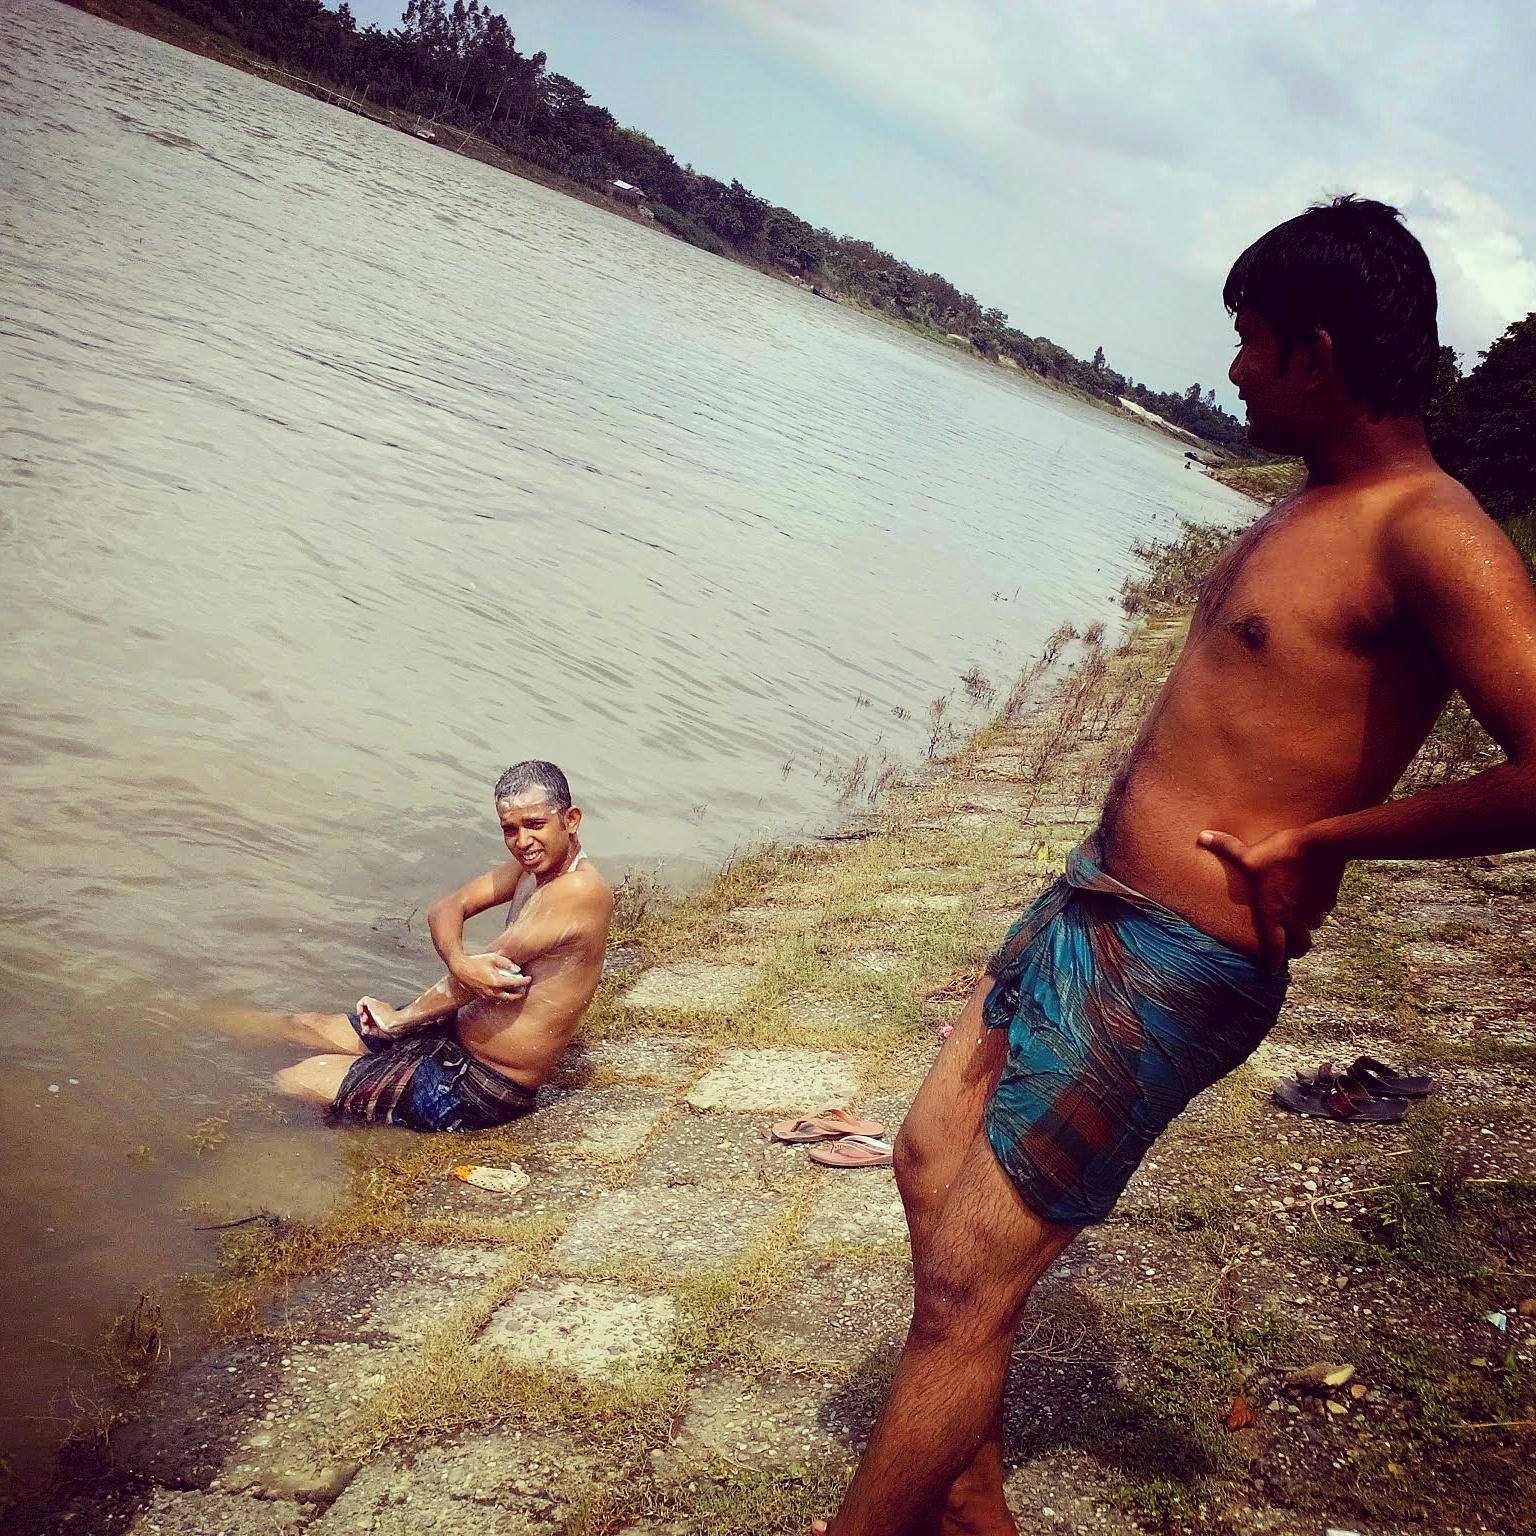 File Men bathing in a river jpg. File Men bathing in a river jpg   Wikimedia Commons